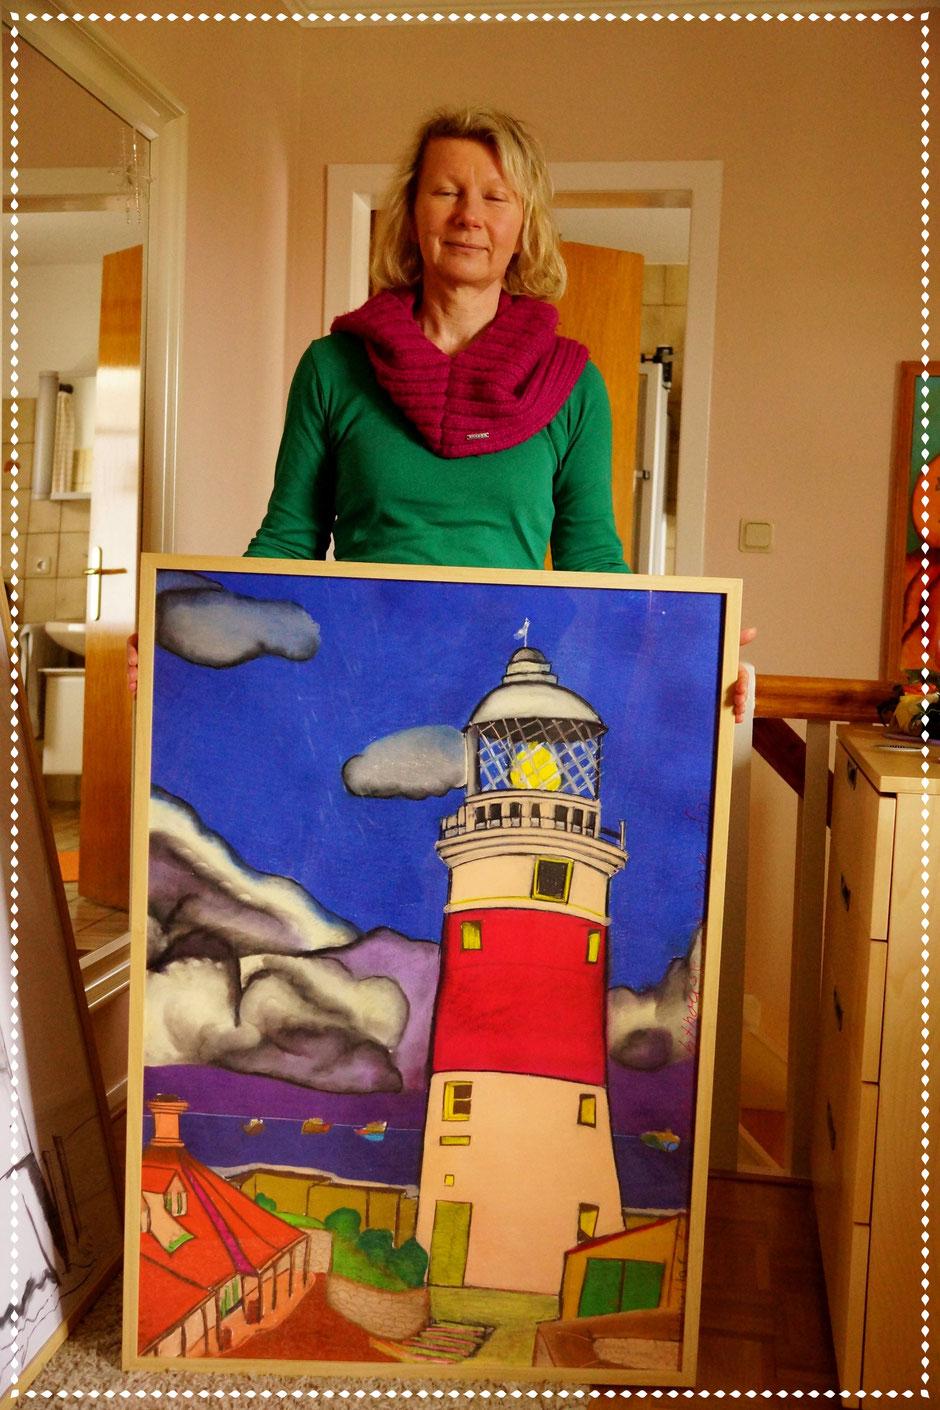 Uta mit ihrem Leuchtturm EuropaPoint auf Gibraltar, Pastellkreide auf Papier, 100x70cm, 2014